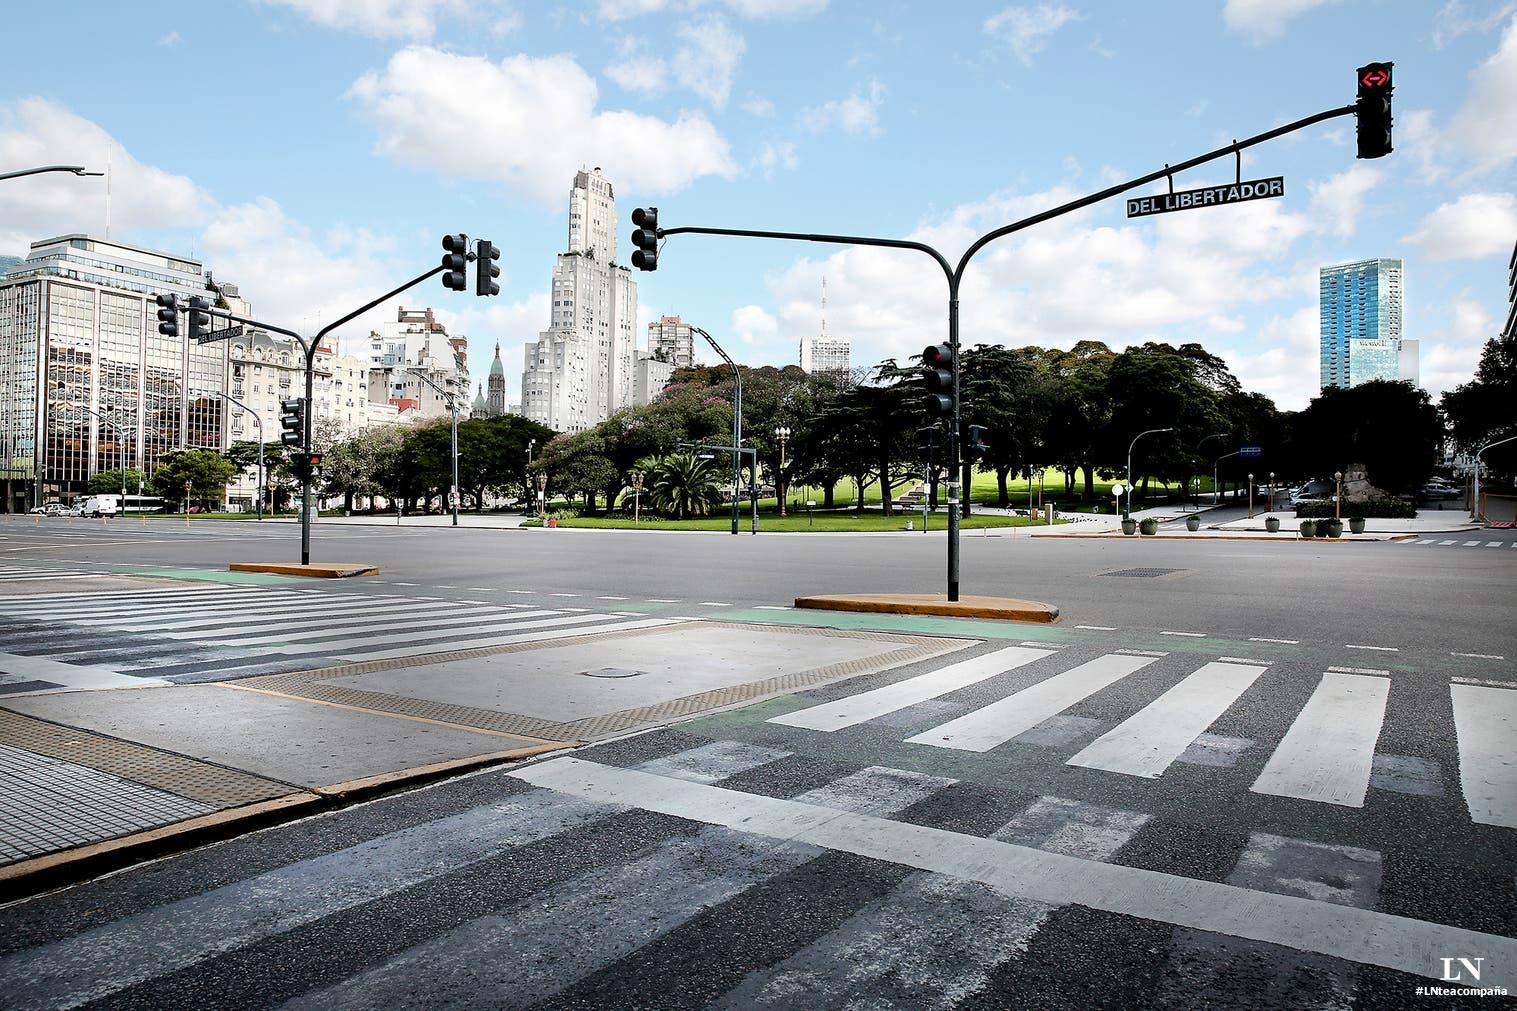 #LNteacompaña: fotos de Buenos Aires vacía para tus videollamadas en Zoom